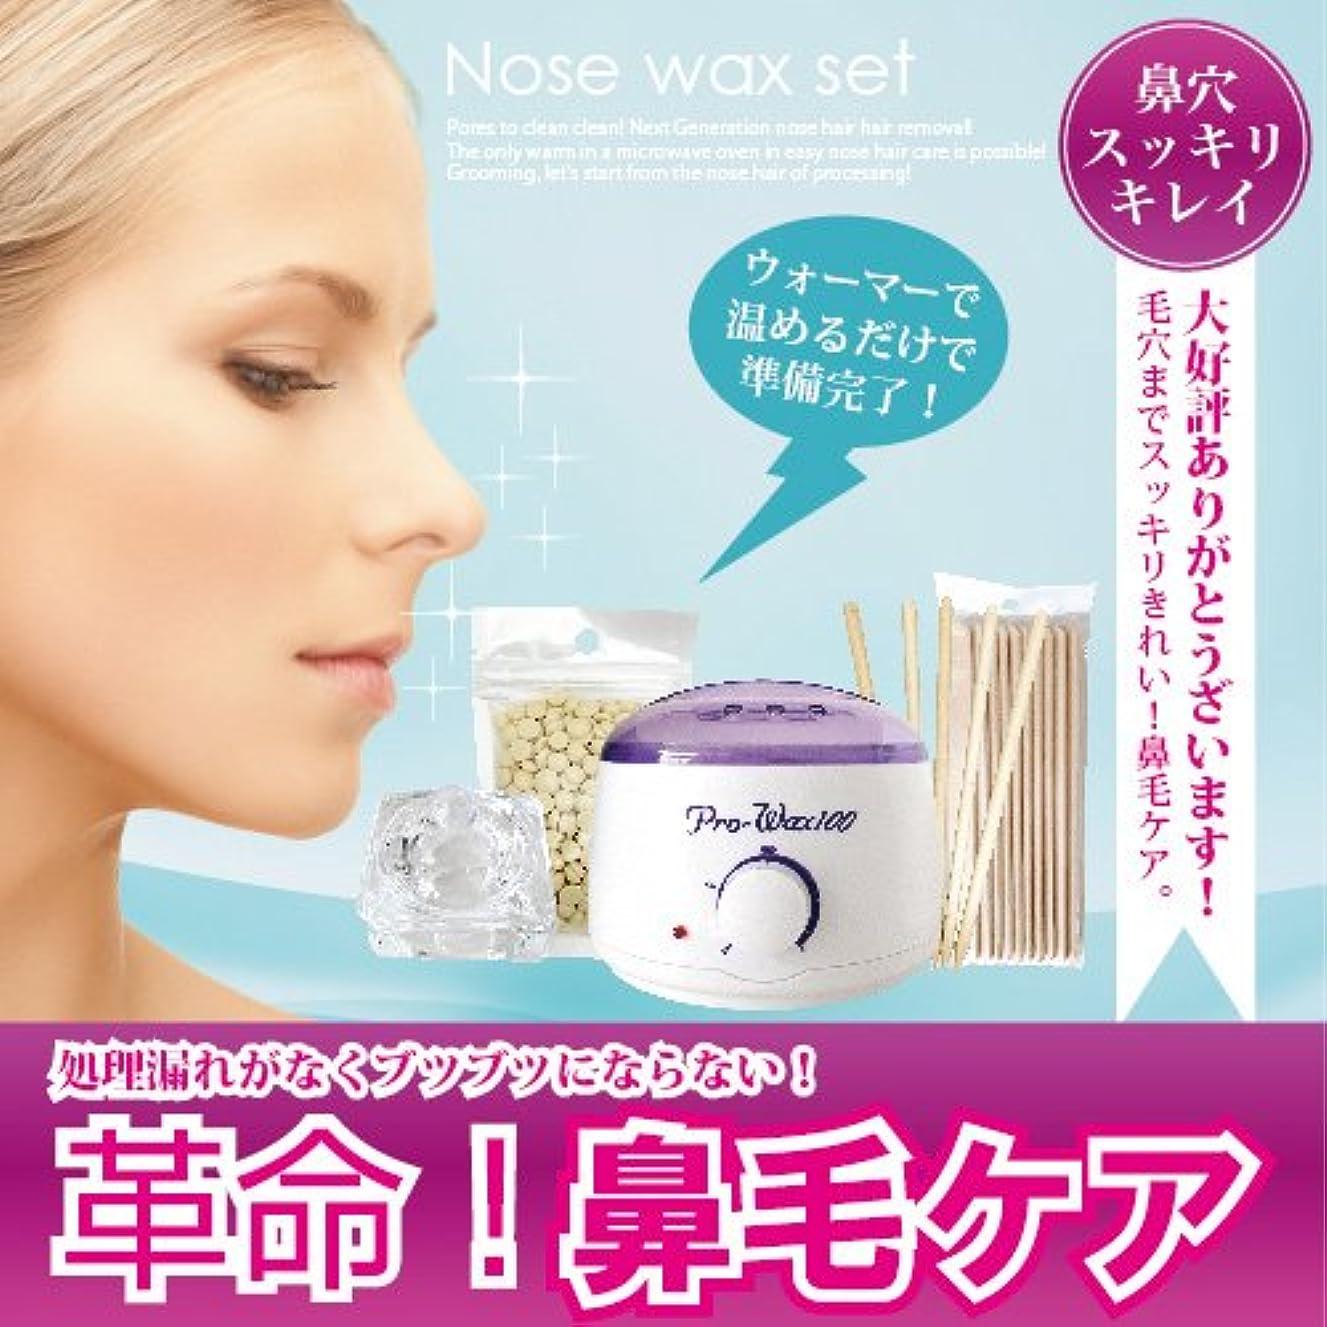 戸棚中傷リボンブラジリアンワックス Nose wax setウォーマー付ノーズワックス鼻毛ケアセット(約12回分)